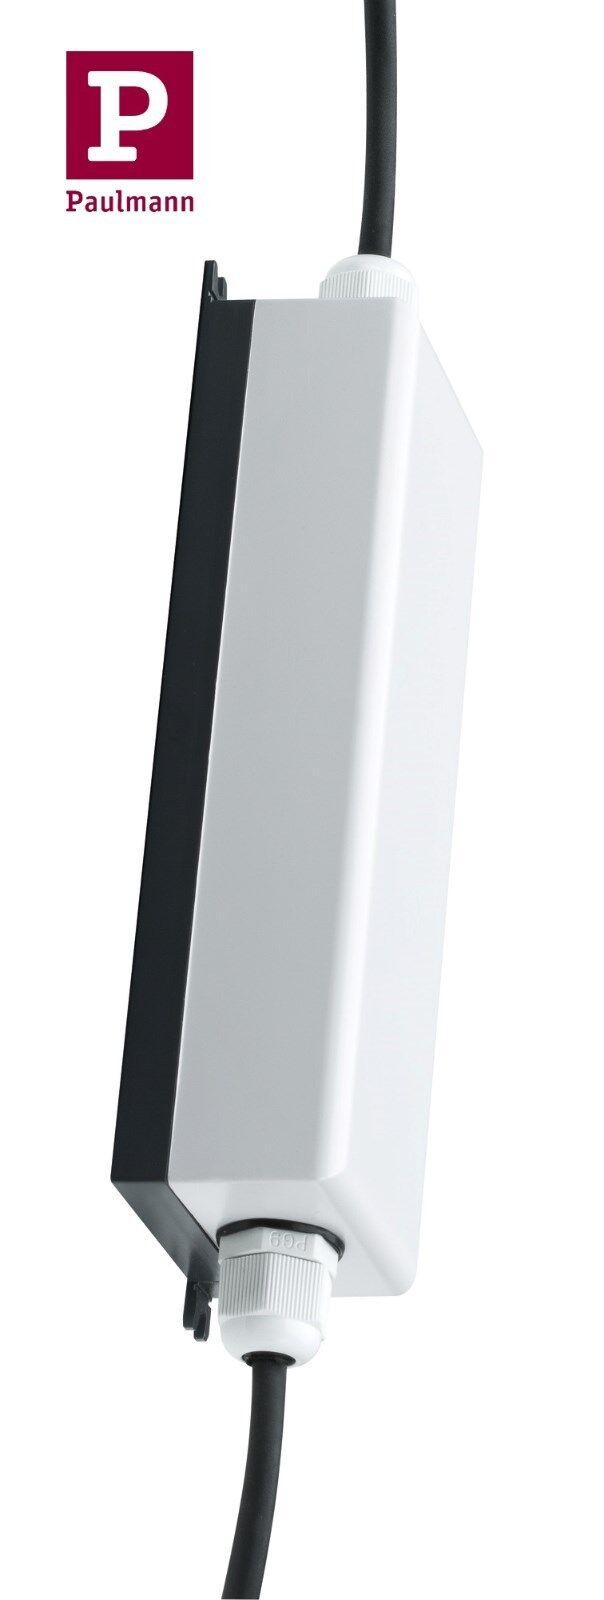 Paulmann YourLed Driver Trafo IP65 60W weiß LED Spritzwassergeschützt